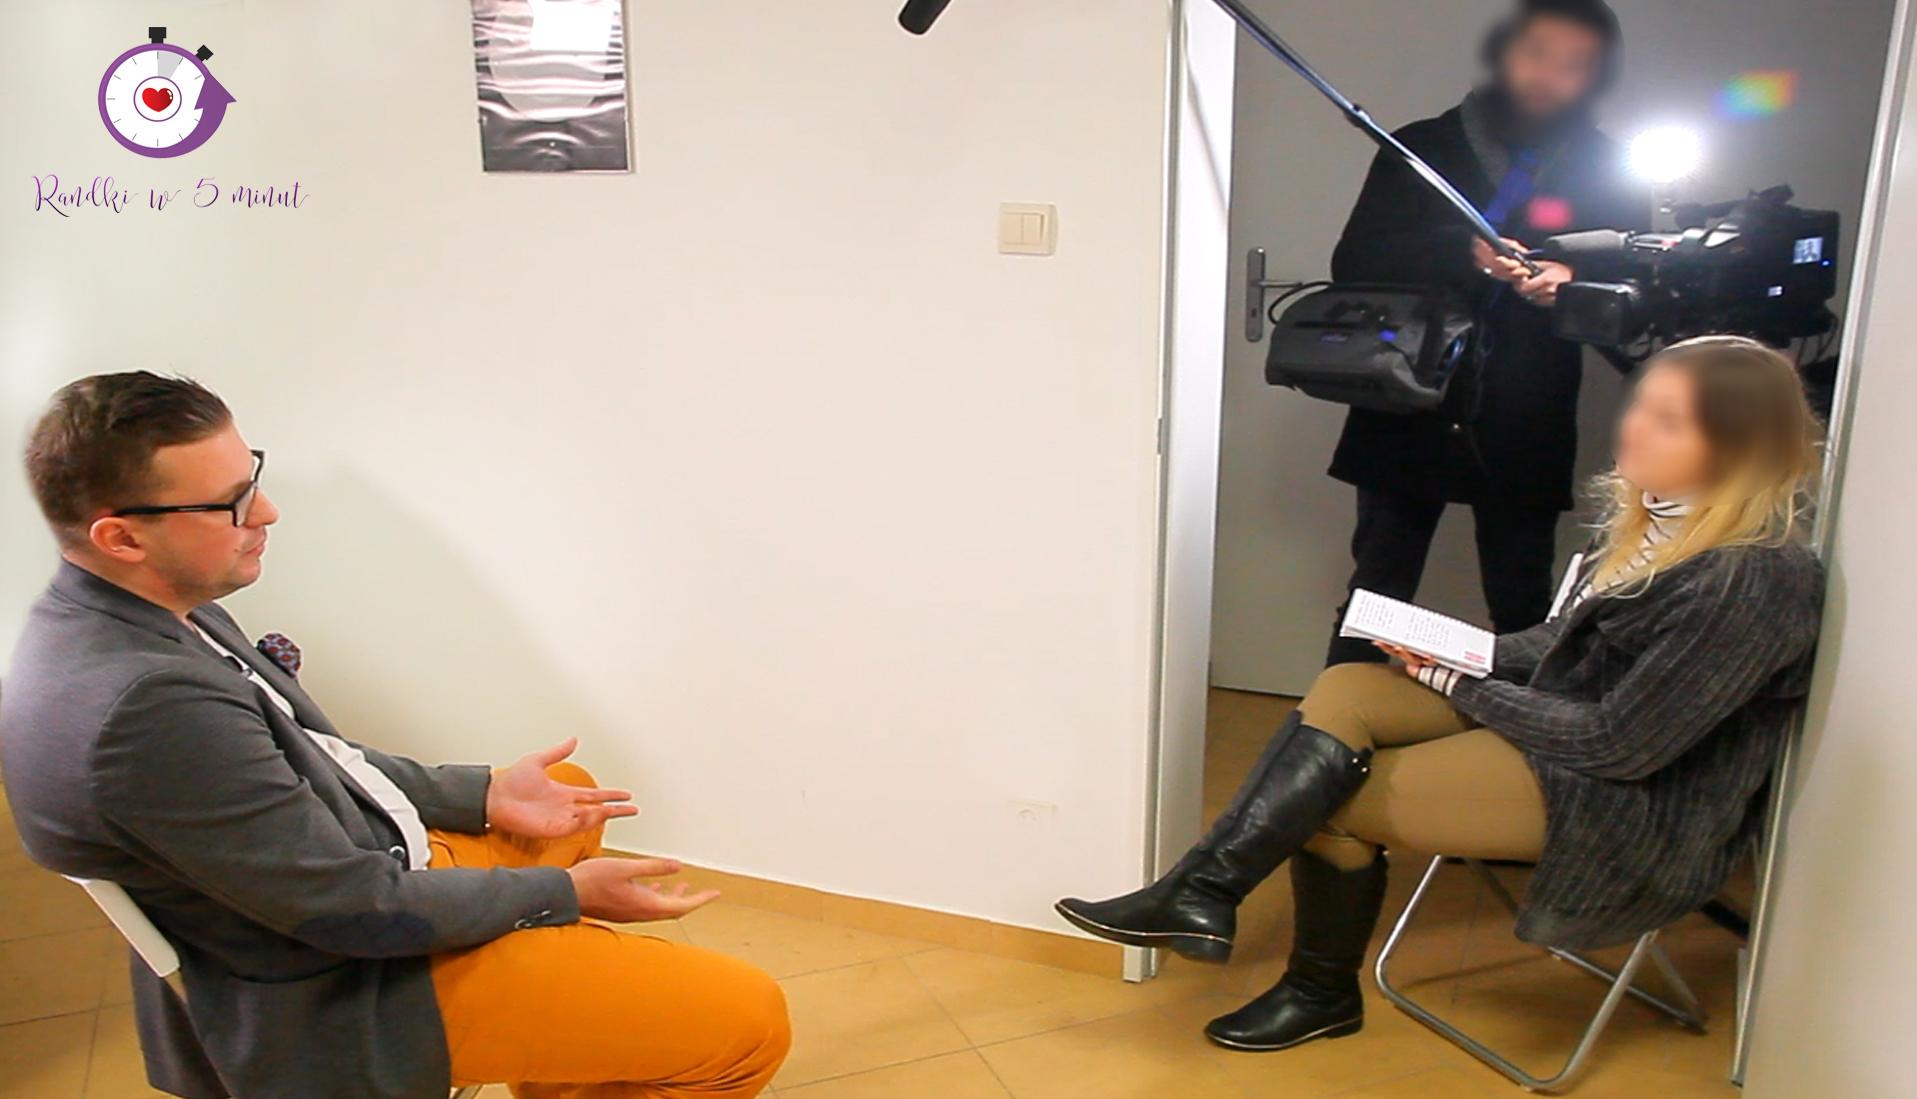 """Wywiad dla """"Pytania na Śniadanie"""" w TVP 2 - 28.12.2016 r. / Kajetan Puszek"""